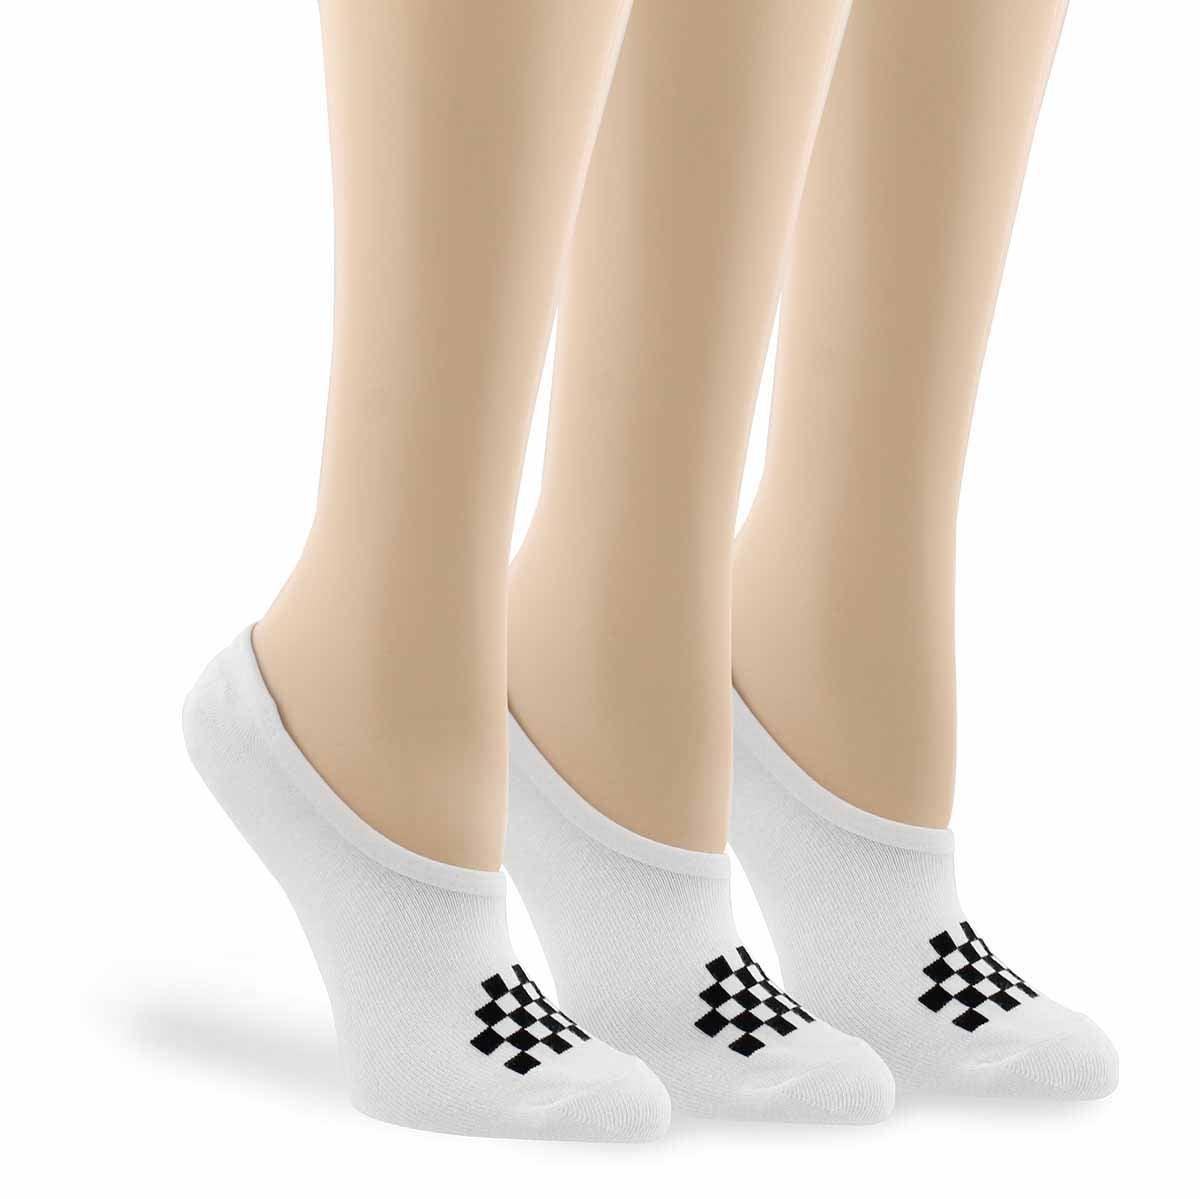 Lds Basic Canoodle wht/blk ankle sock 3p